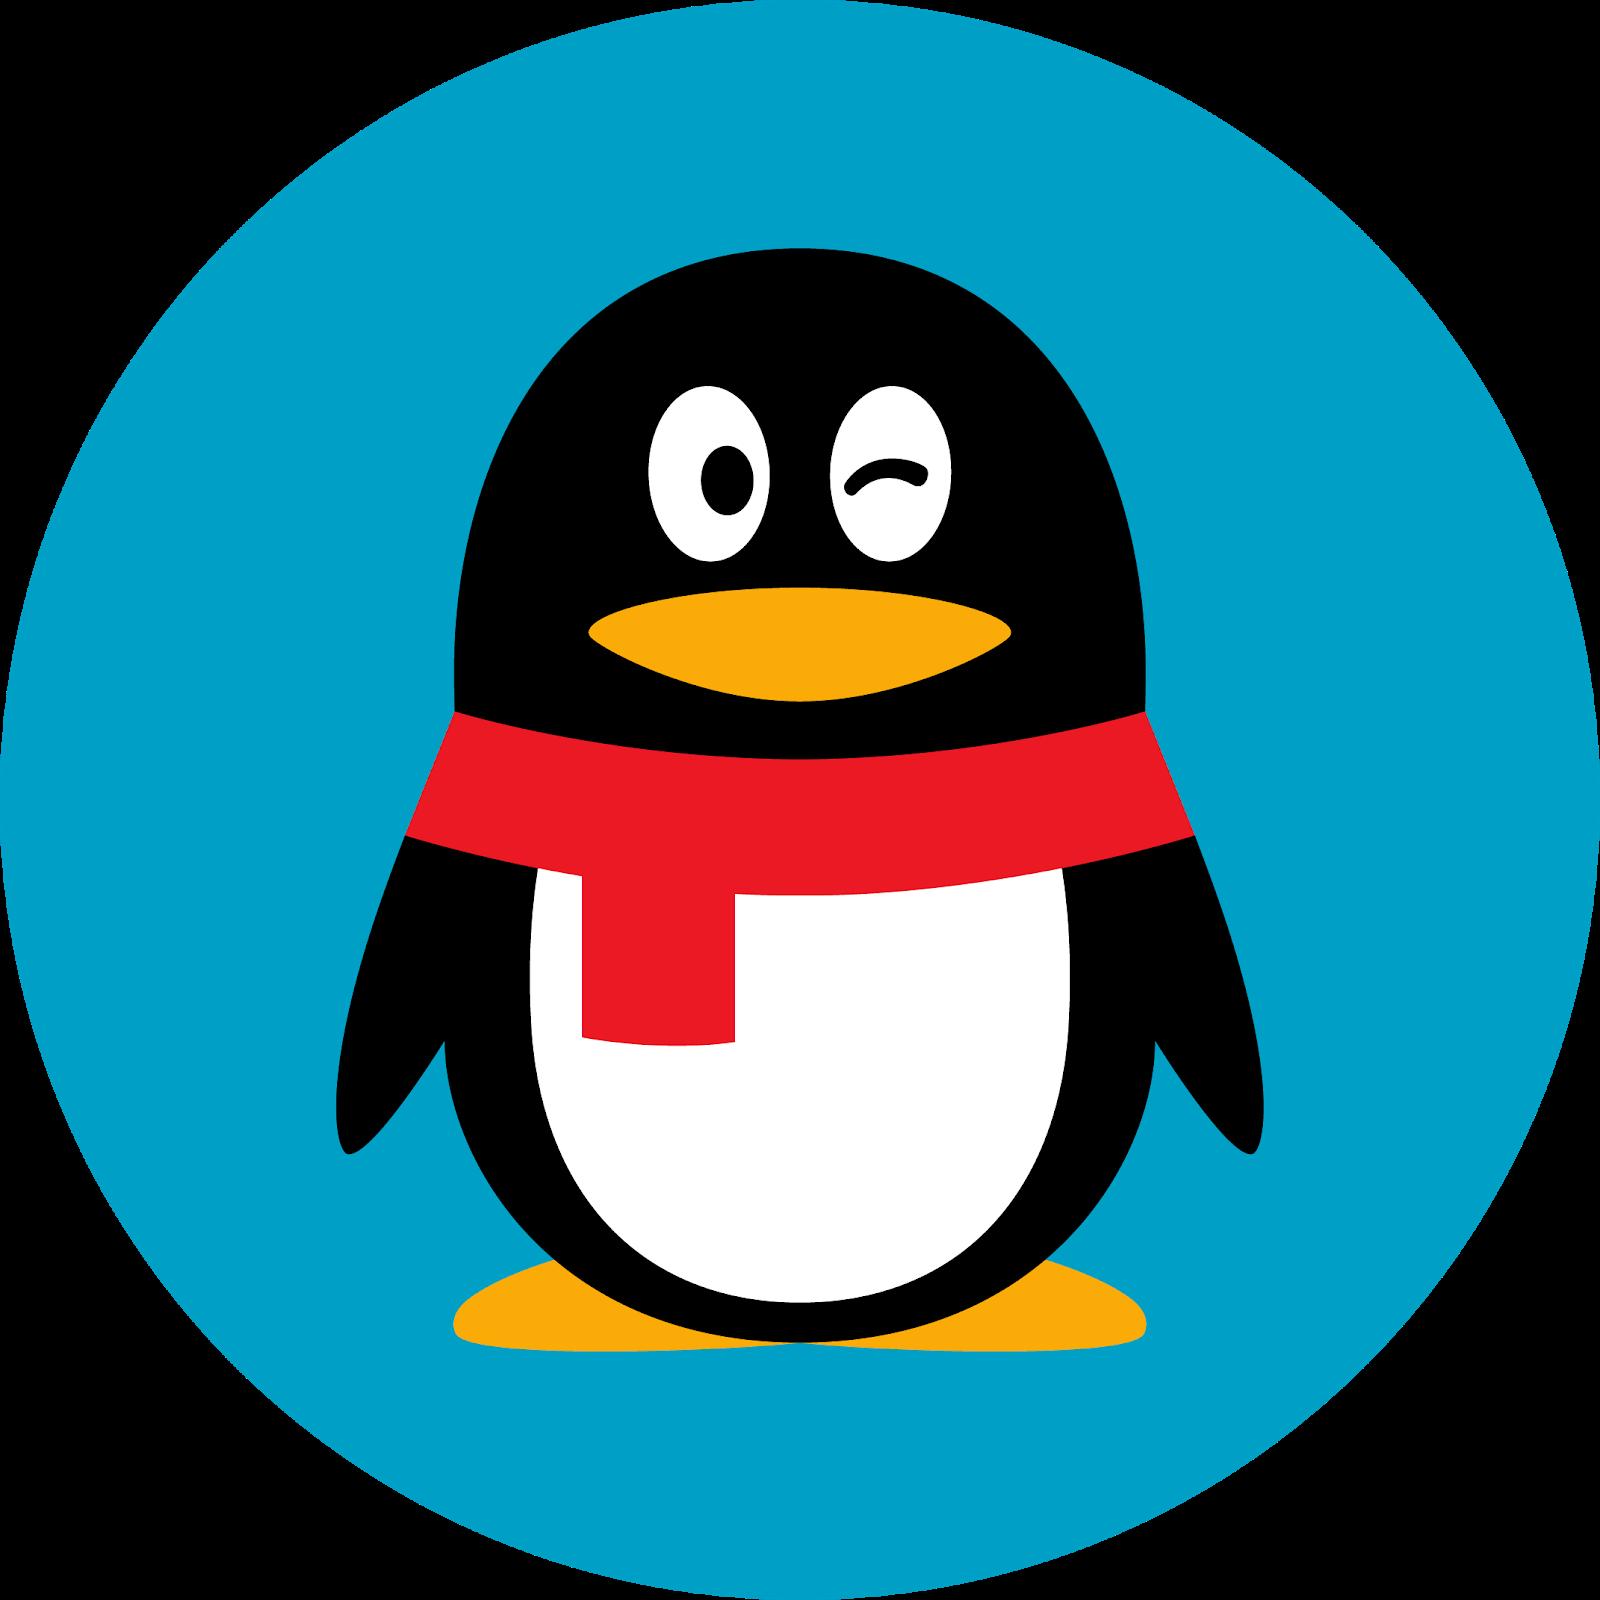 qqM_download tencent qq logo svg eps png psd ai vectors free - el fonts vectors